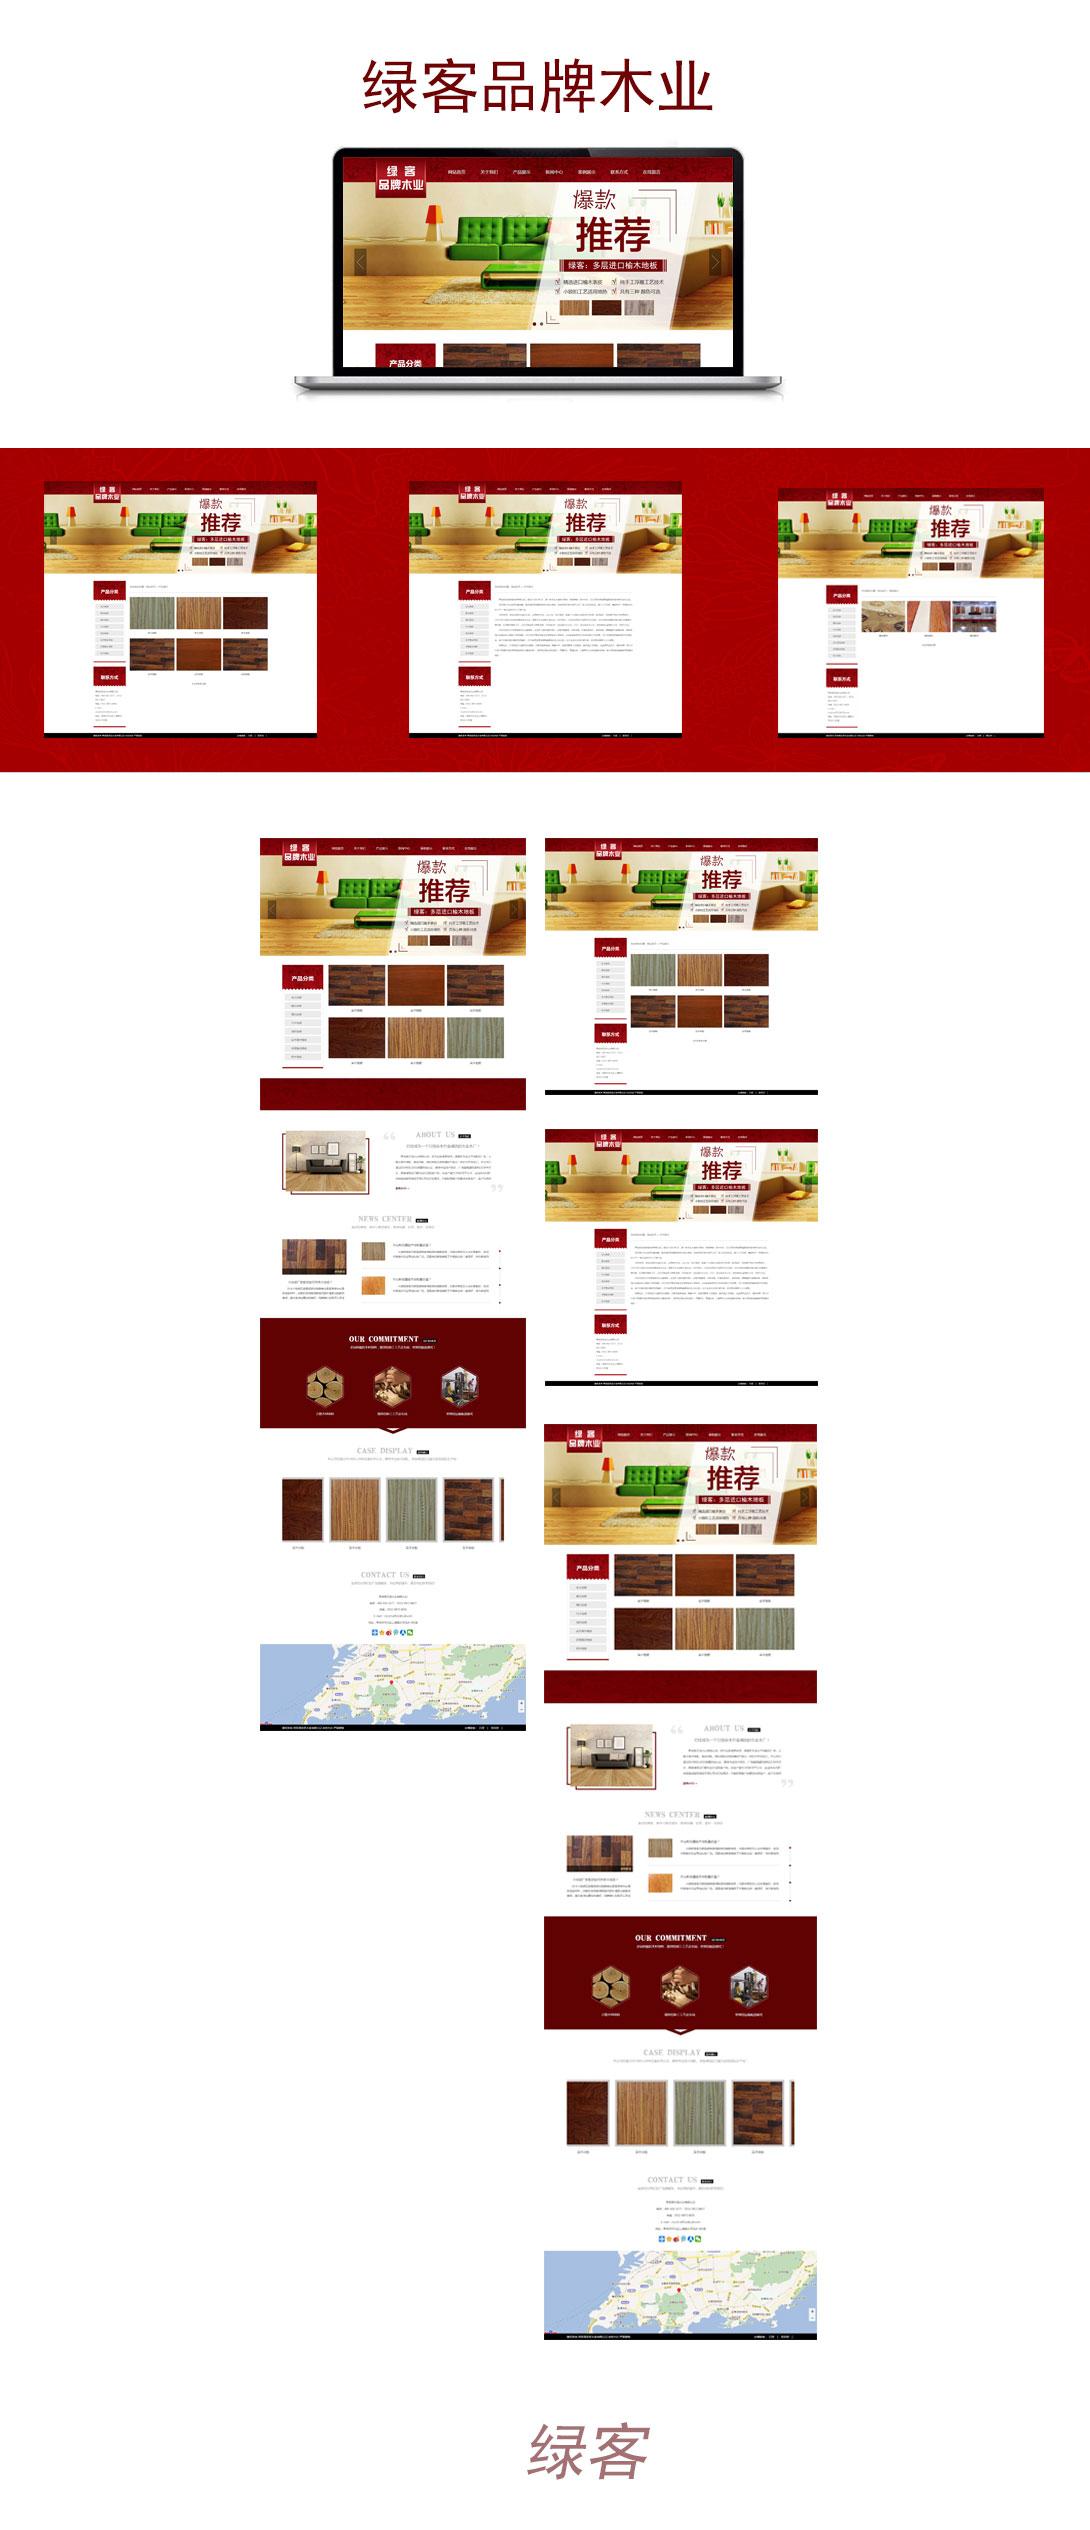 品牌木业类网站建设及品牌木业类关键词宣传推广SEO优化